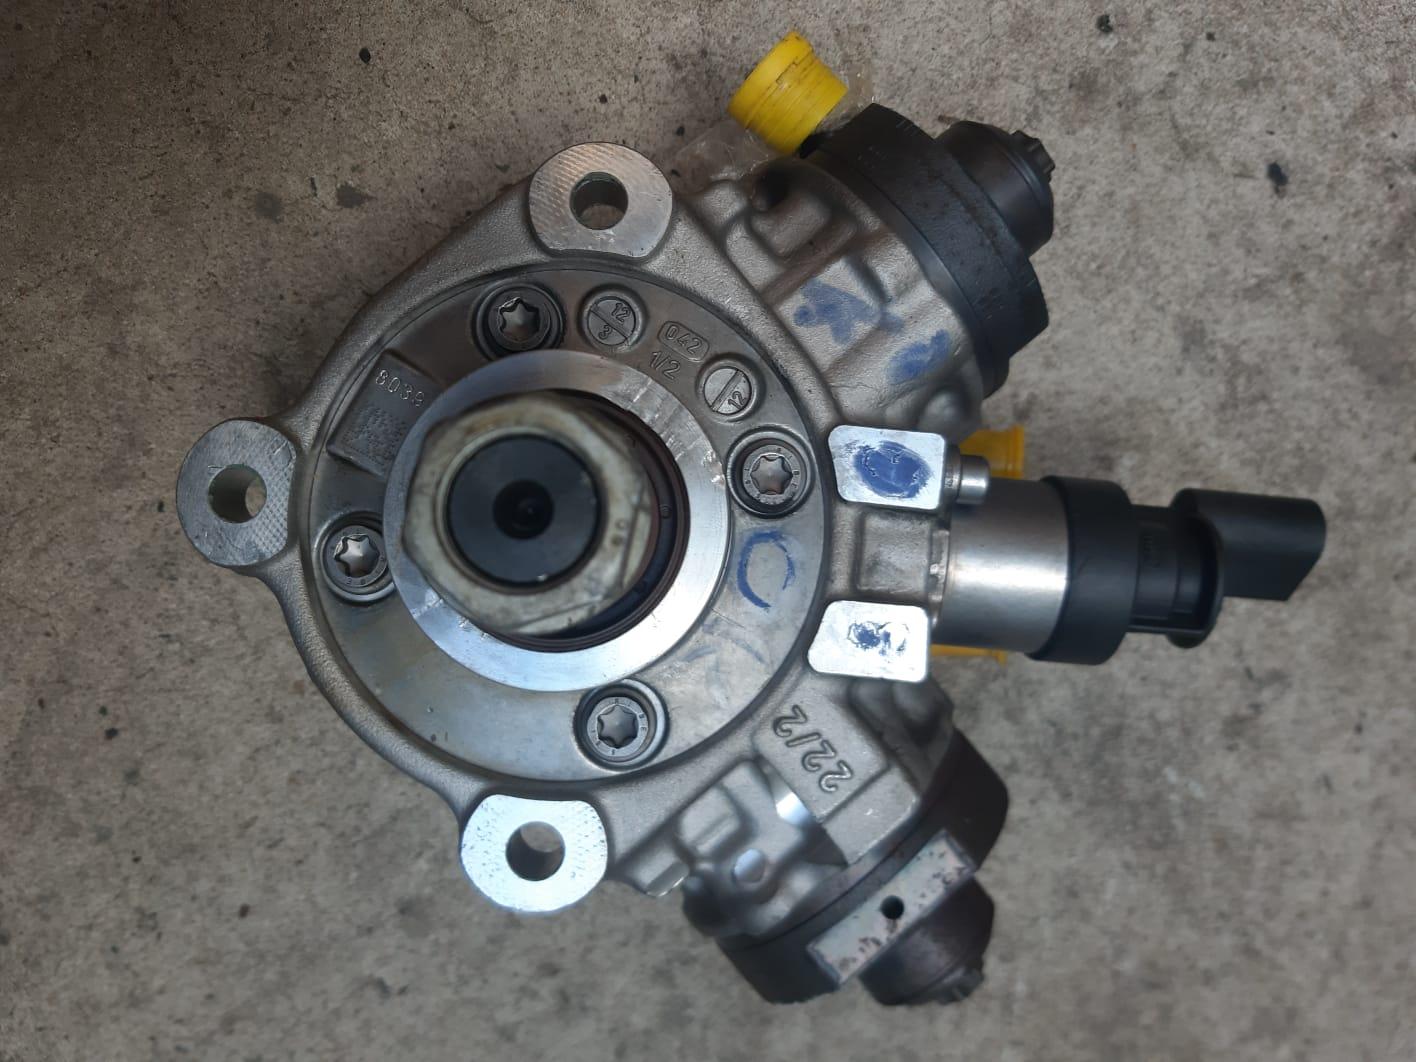 Sprawdzona pompa wtryskowa VW Audi 3.0 TDI 0445010641 059130755BF